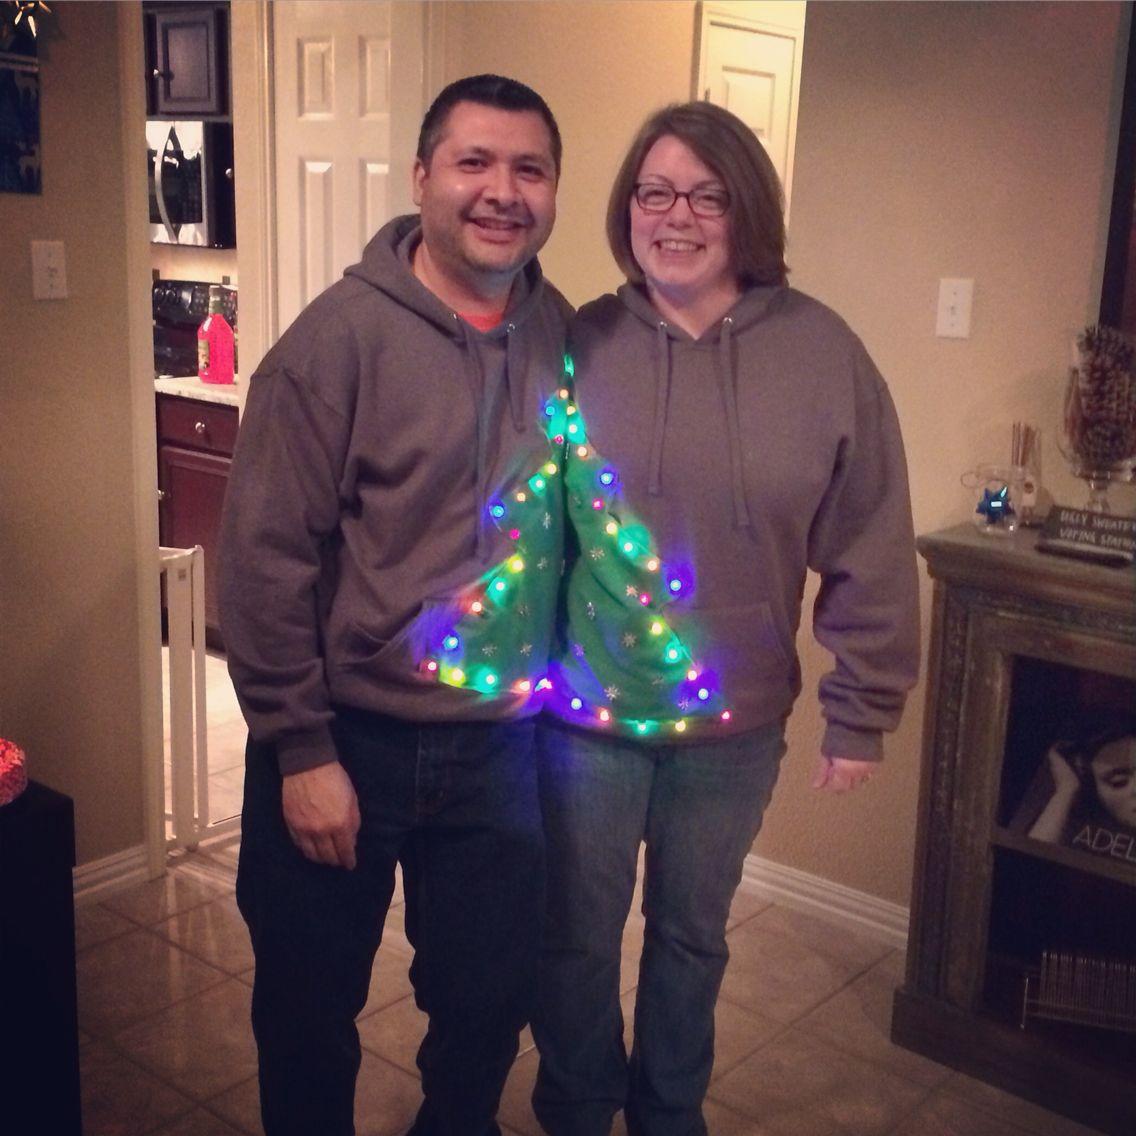 DIY ugly Christmas sweater couple Christmas trees